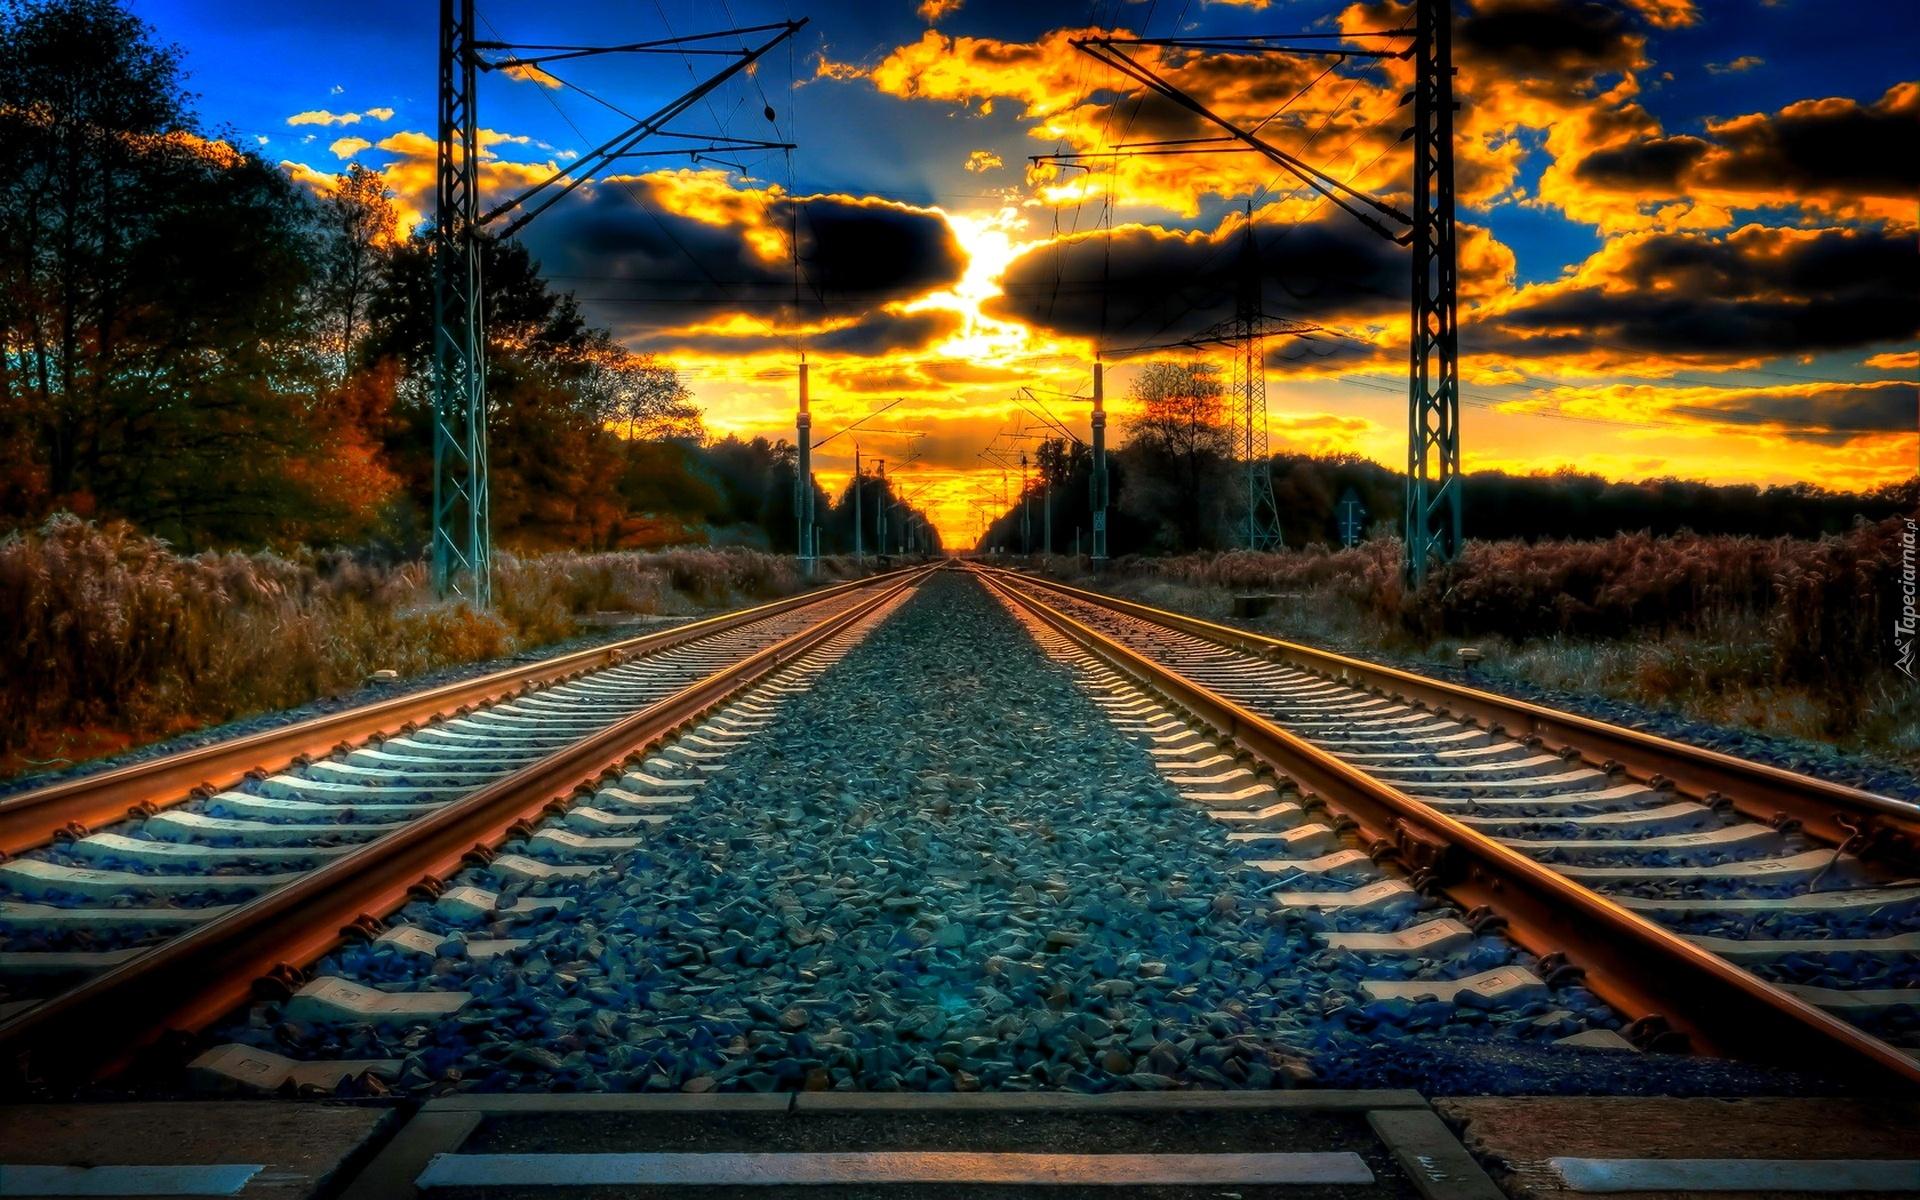 Картинки железнодорожных путей россии